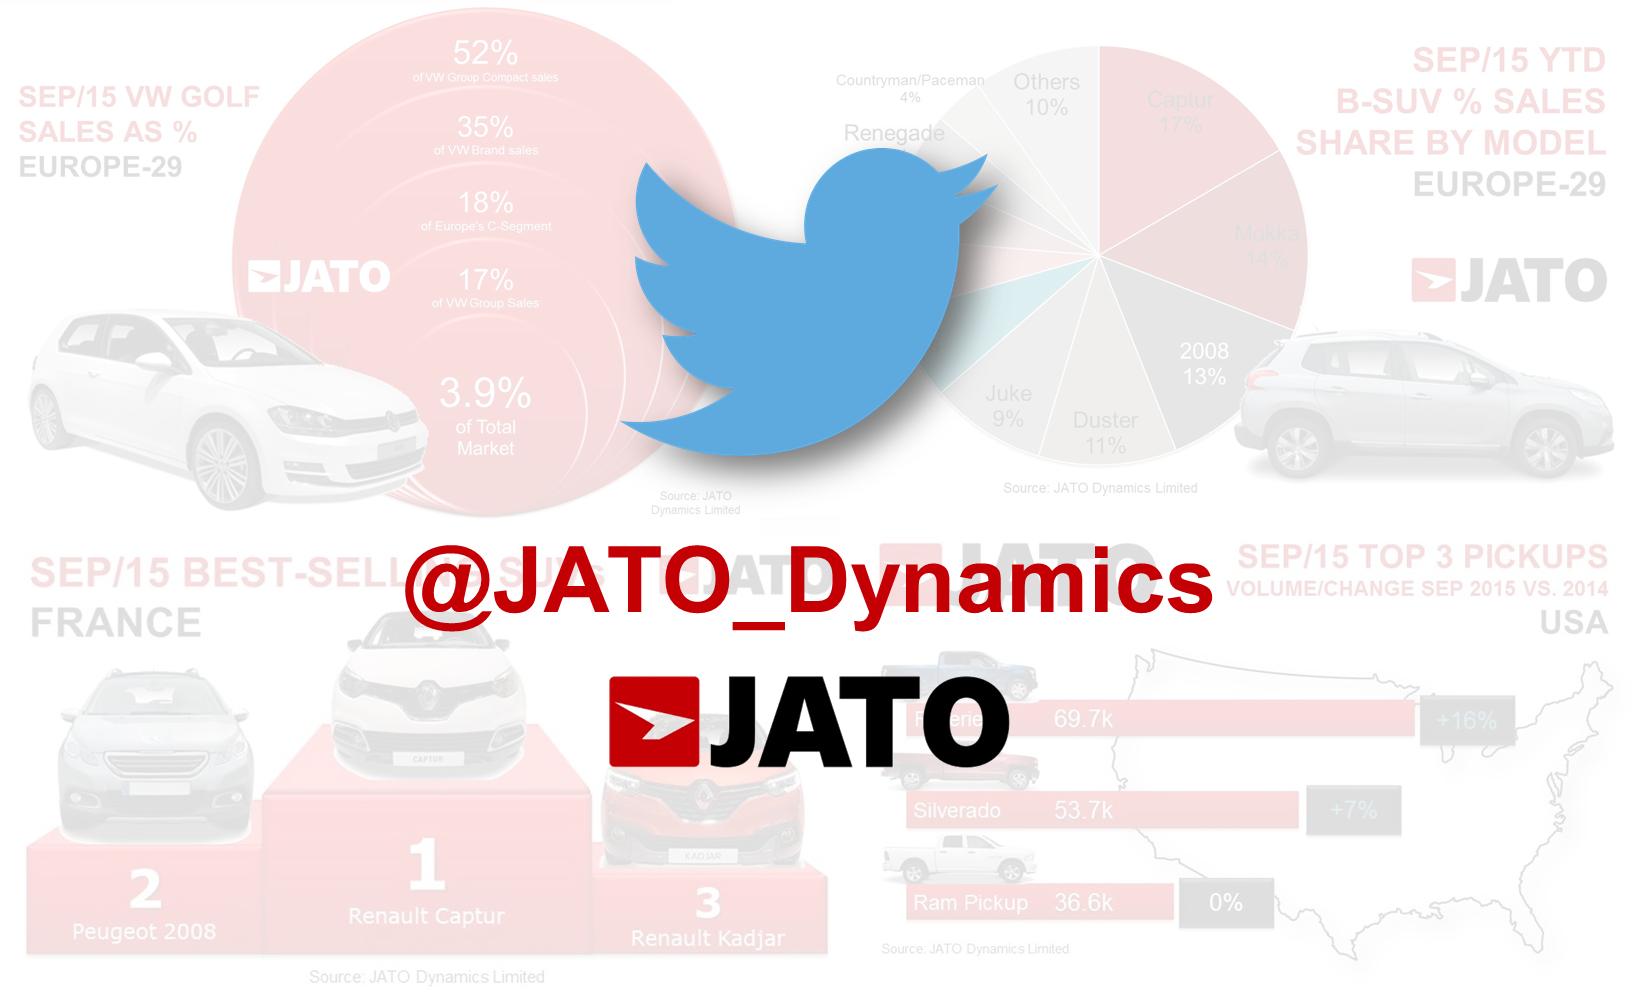 FOLLOW US ON JATO TWITTER